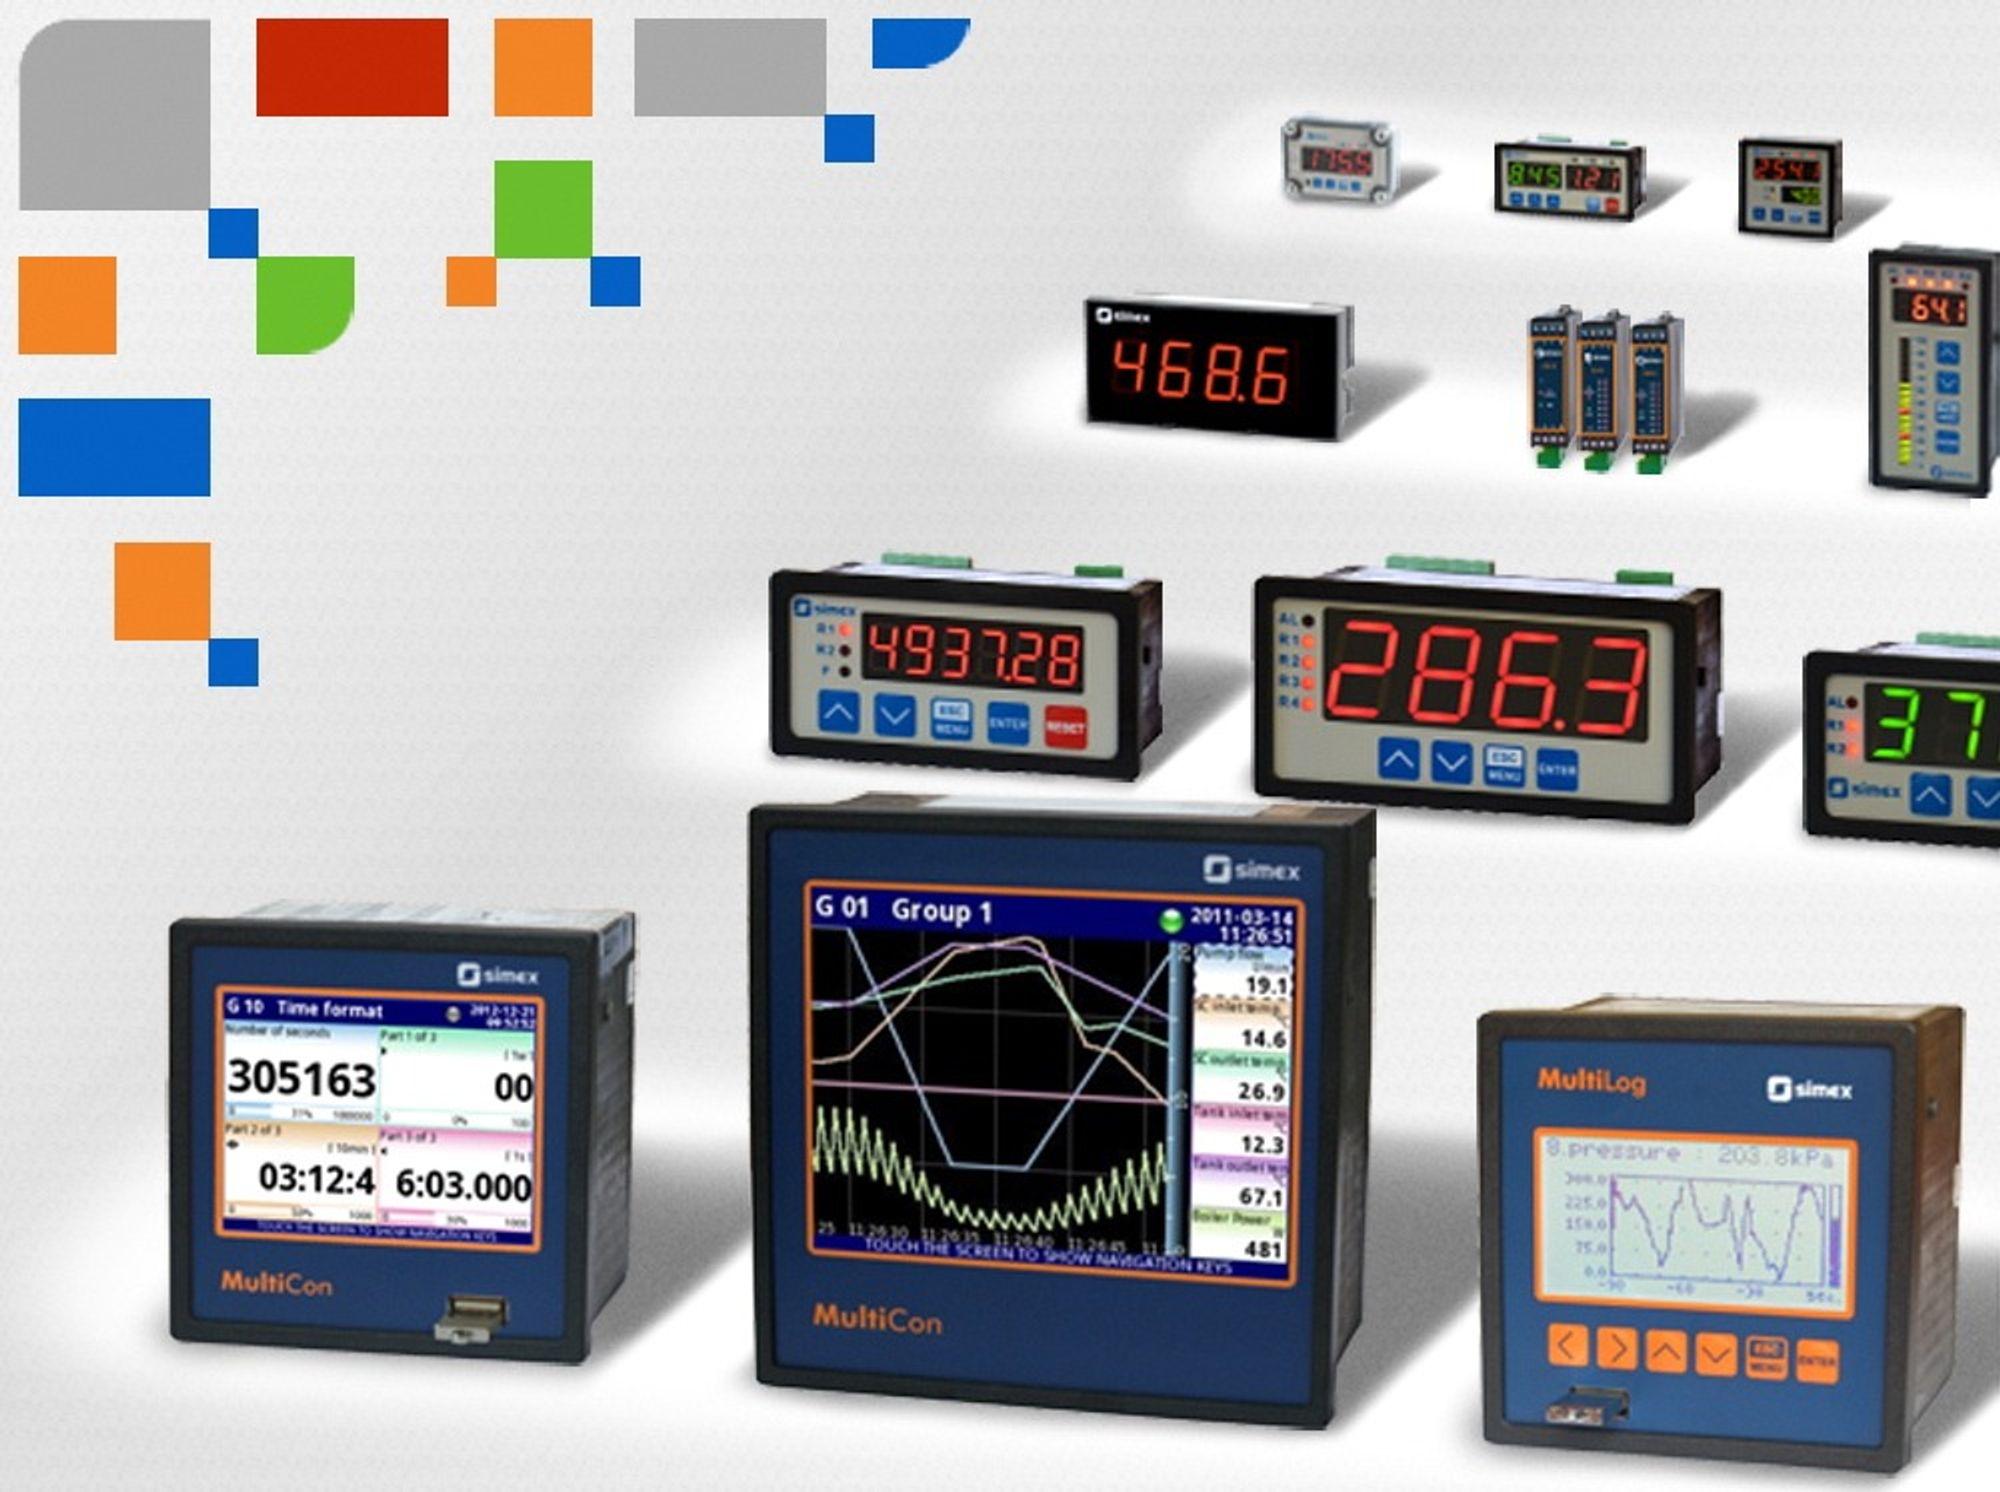 Eksempel på produkter fra Simex, som du nå kan få hos Leif Kølner Ingeniørfirma.